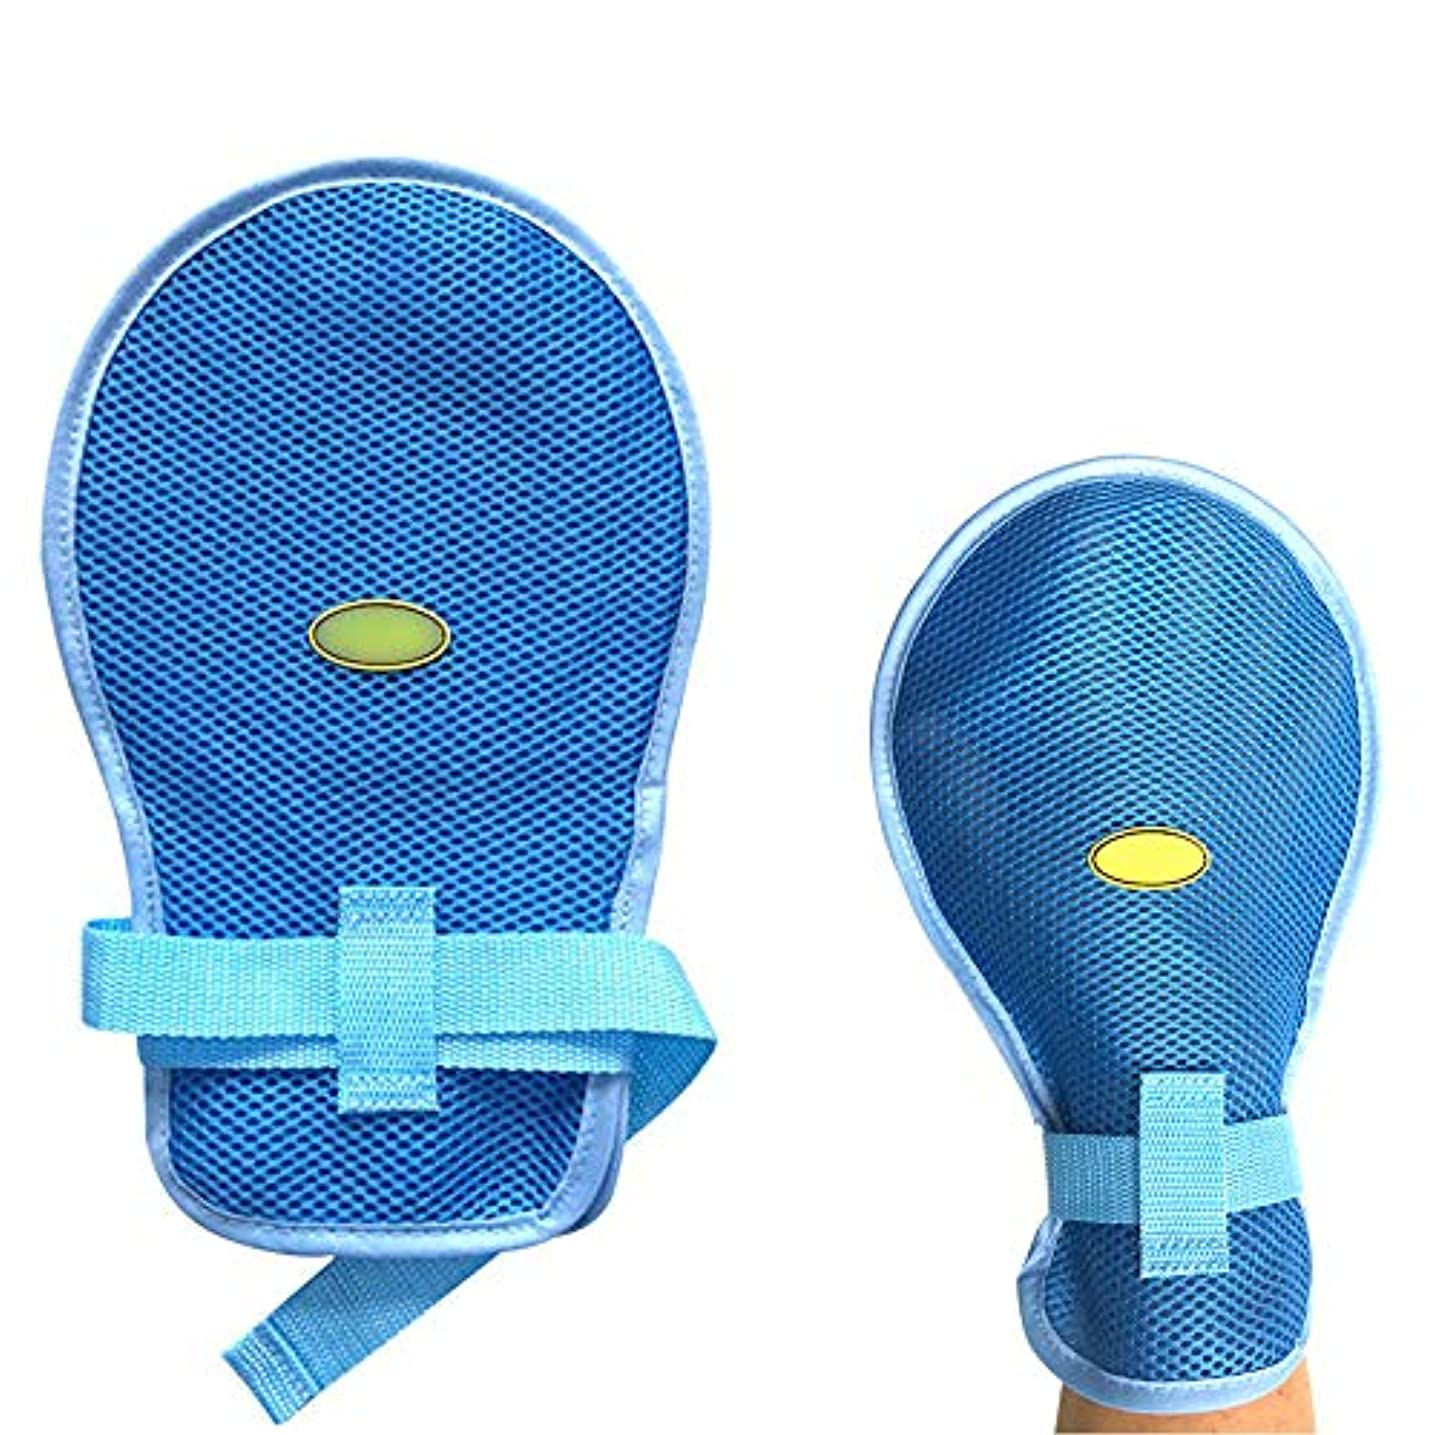 邪魔クック蚊高齢者の認知症手袋の安全装置のミット - 個人用手の安全装置 - 自傷防止のための指のコントロールミット(1ペア)